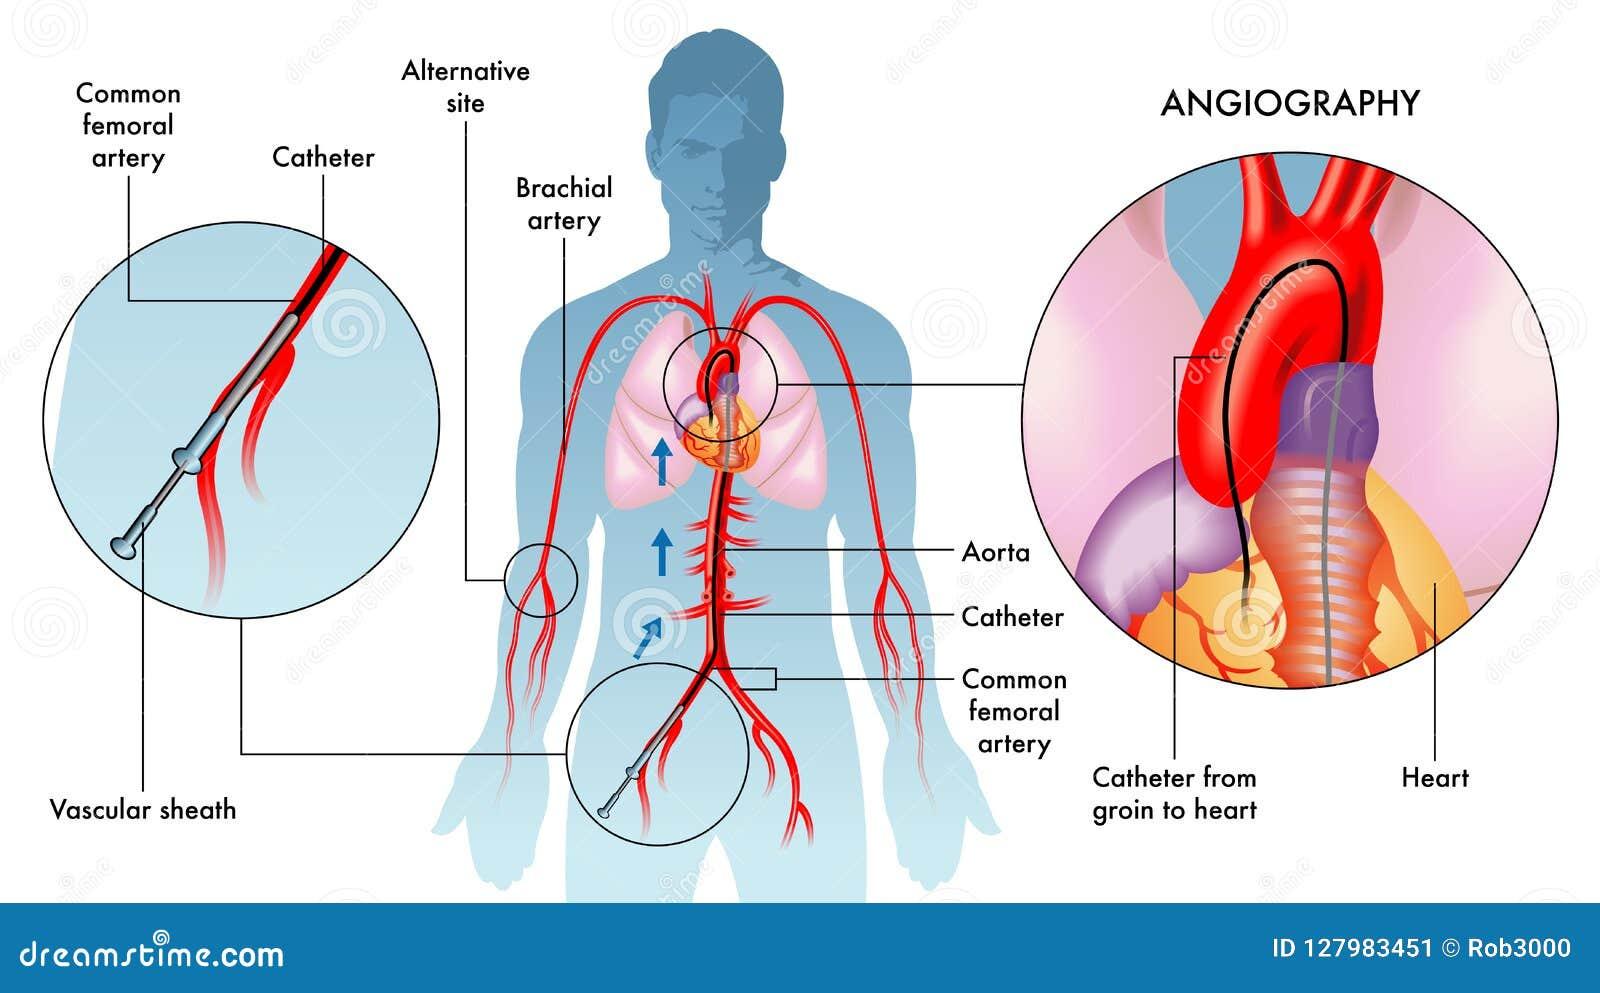 De illustratie van de angiografieverrichting